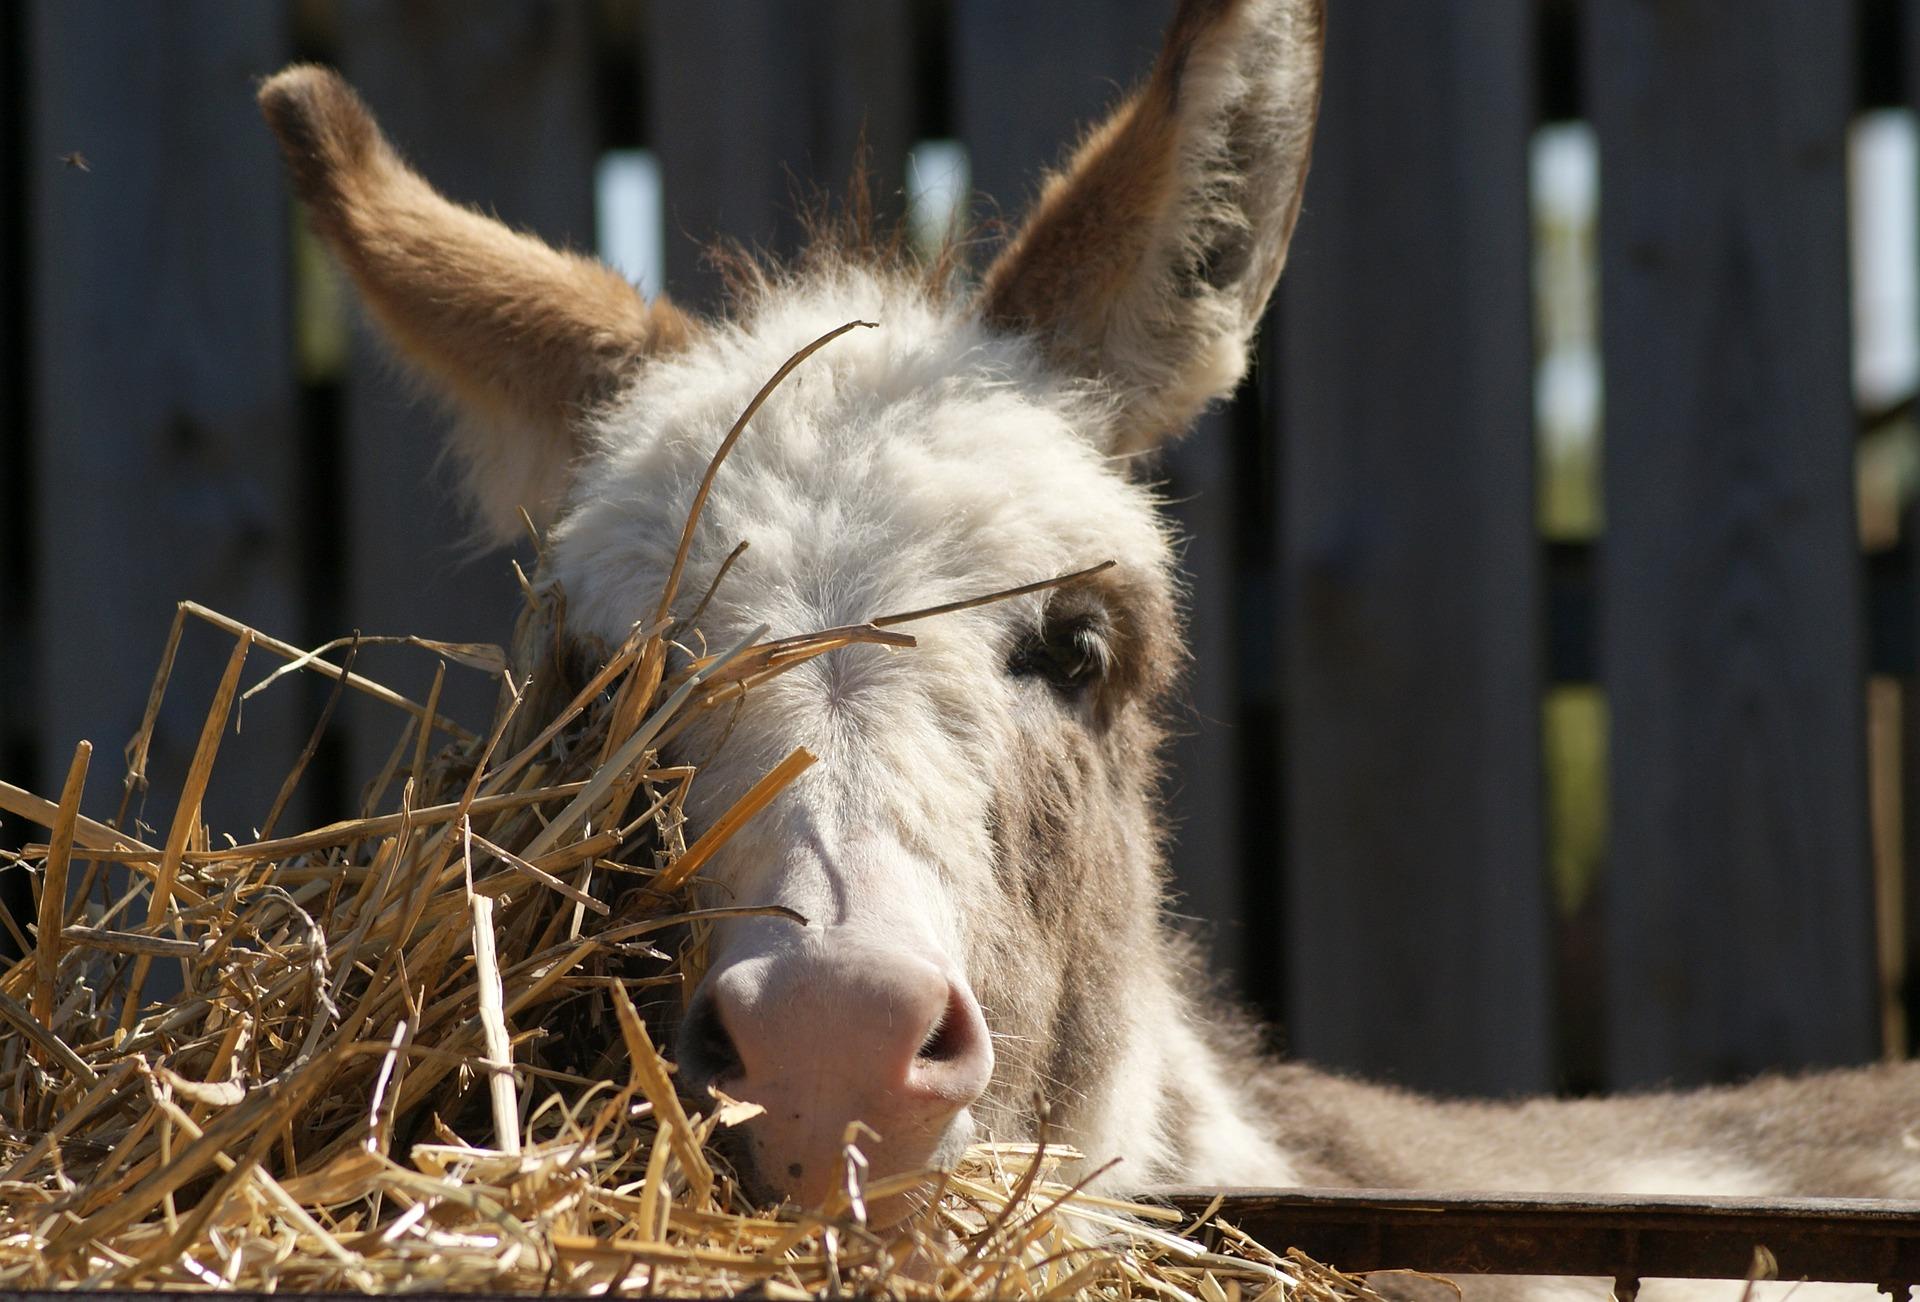 Ulcère cheval, âne, Alimentation cheval, âne